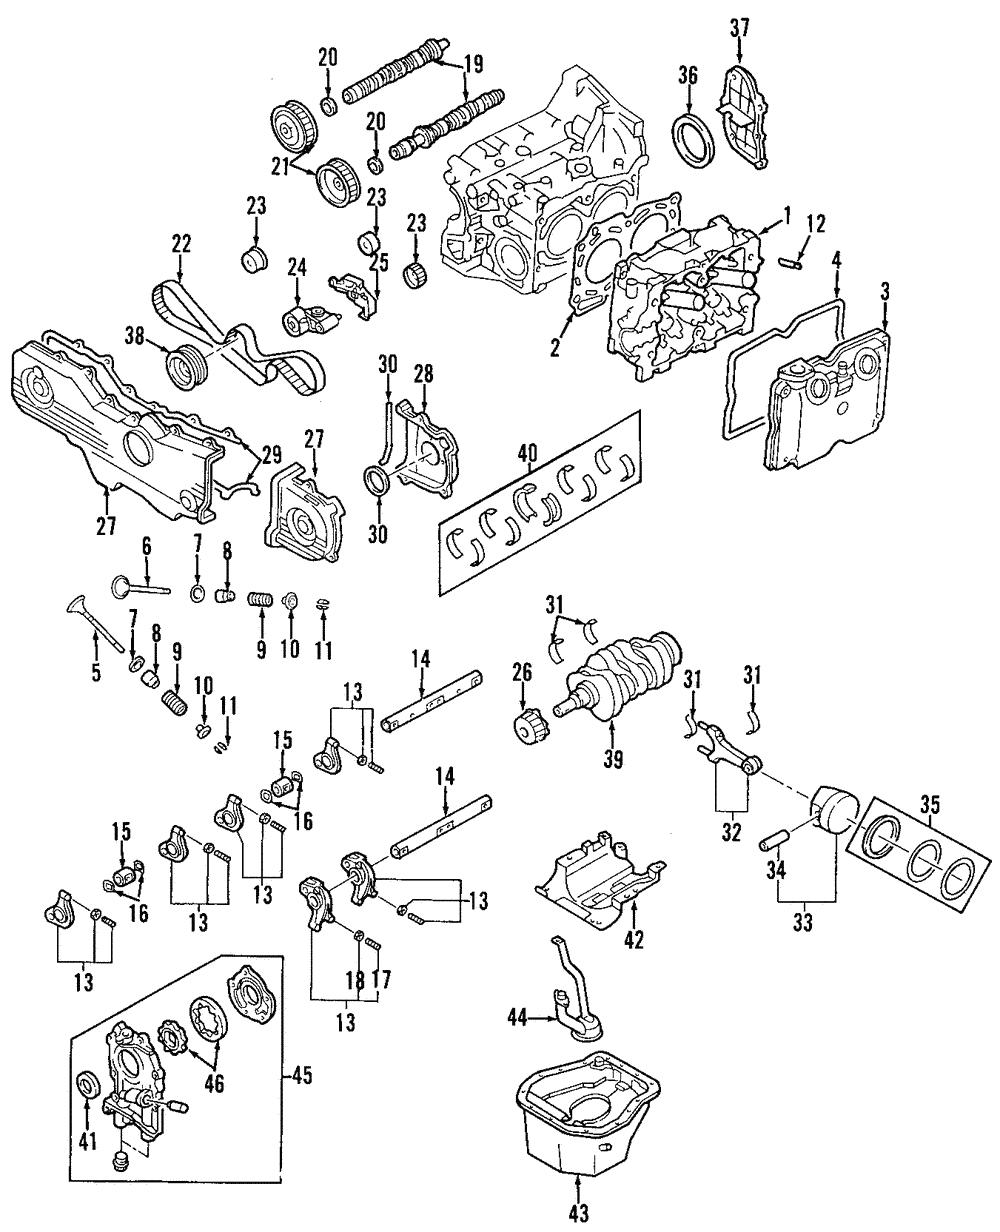 Subaru Head Diagram   Fusebox and Wiring Diagram component have ...